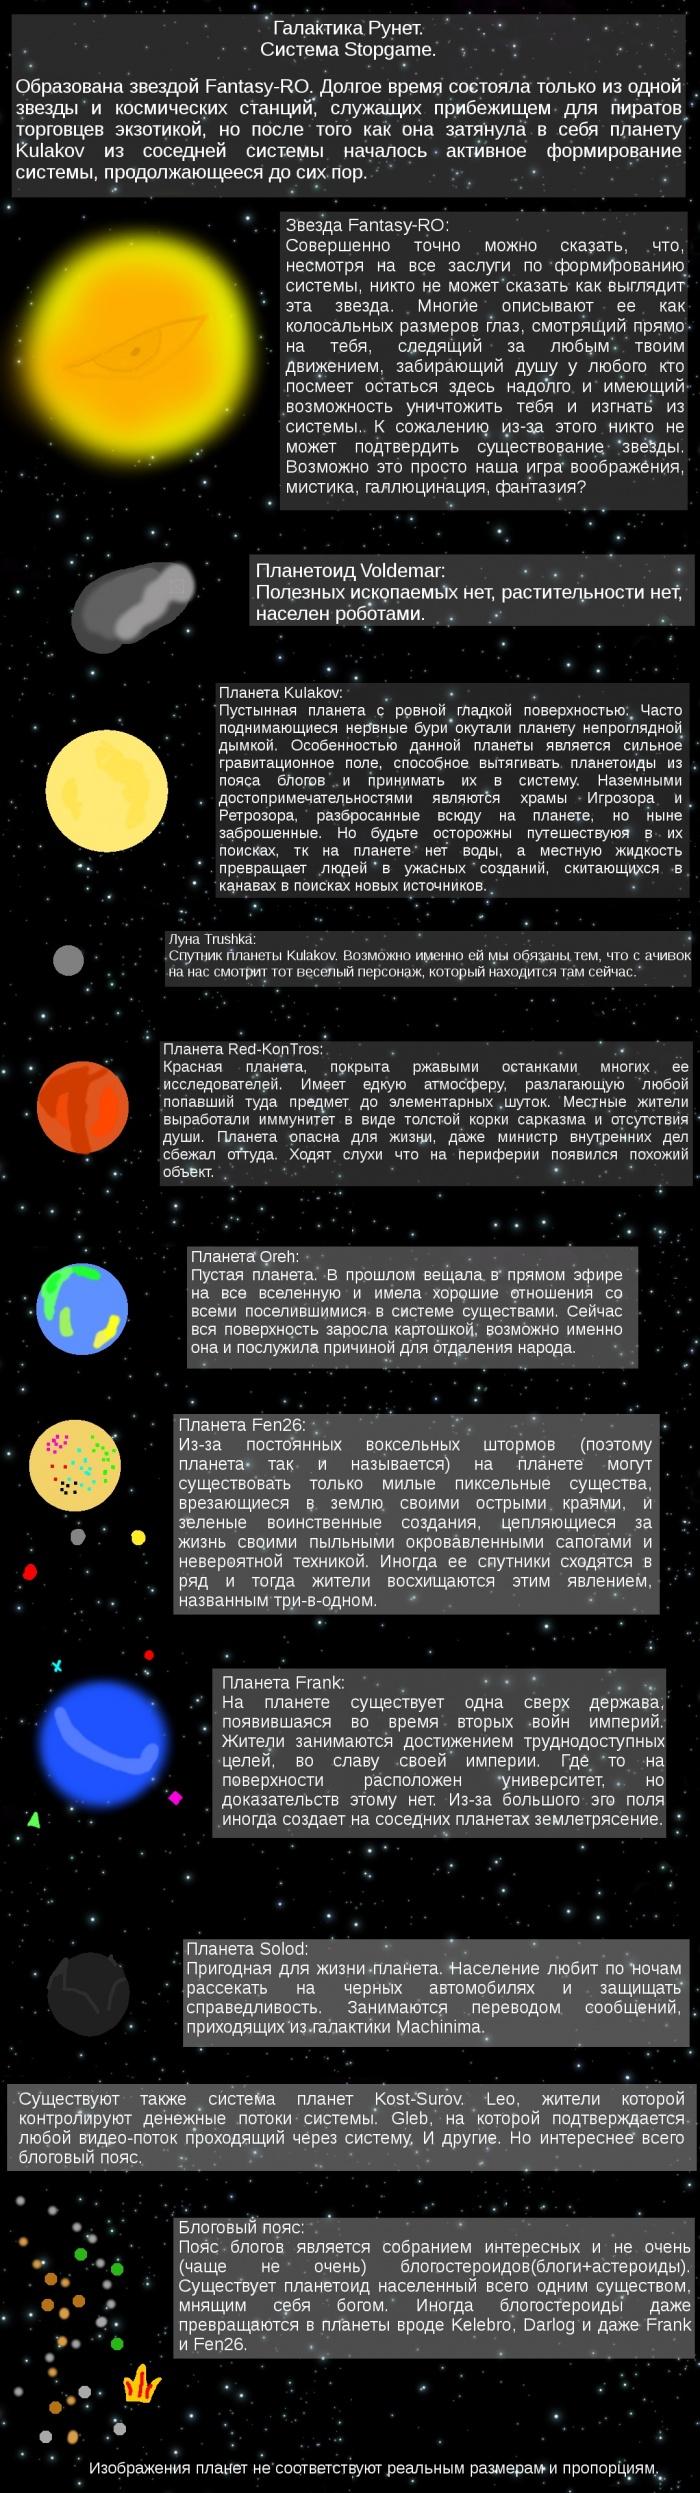 Поиск игры / Поиск на StopGame.ru